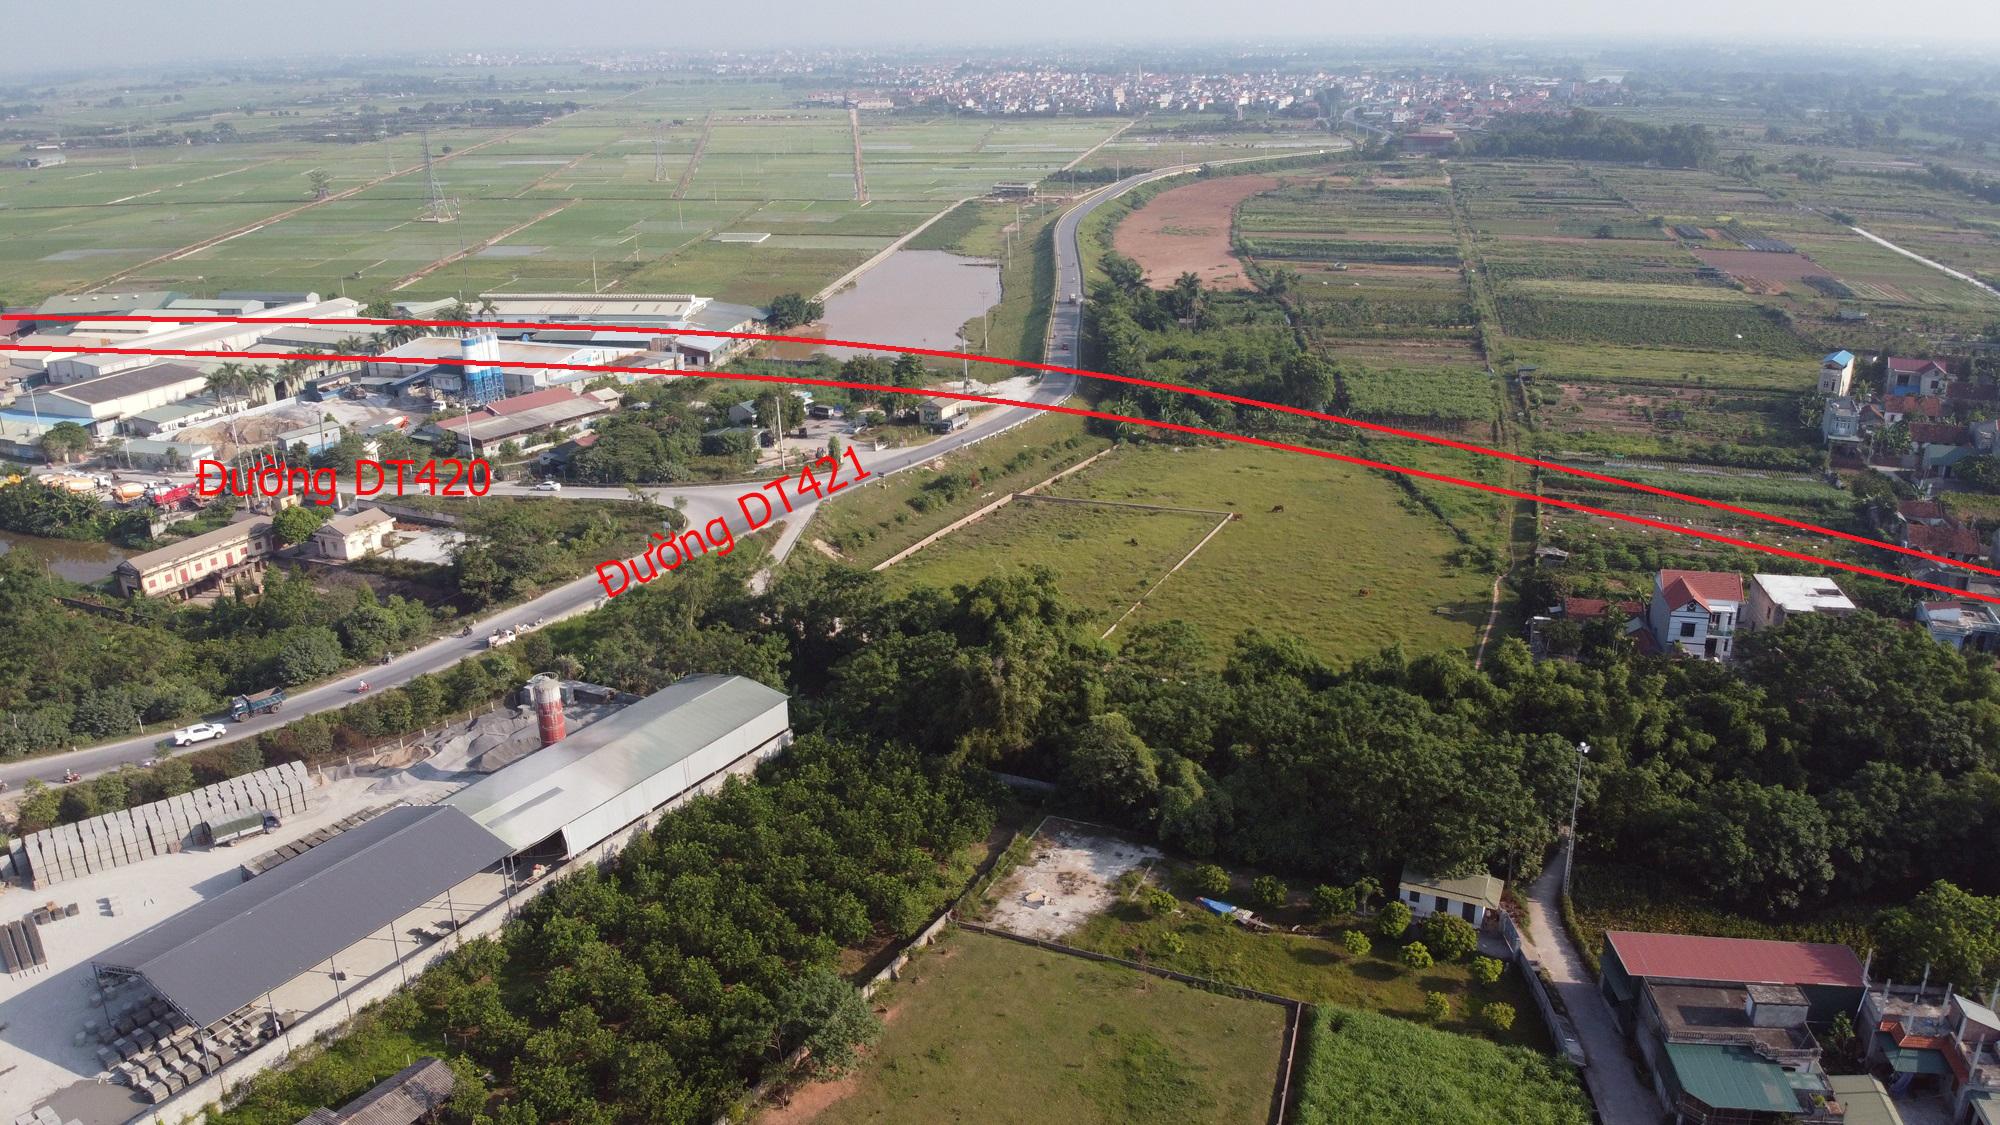 Trục đường Hồ Tây - Ba Vì qua Hòa Lạc sẽ mở theo qui hoạch: Toàn cảnh đoạn Vành đai 4 đến đường Hòa Lạc - Hòa Bình - Ảnh 8.